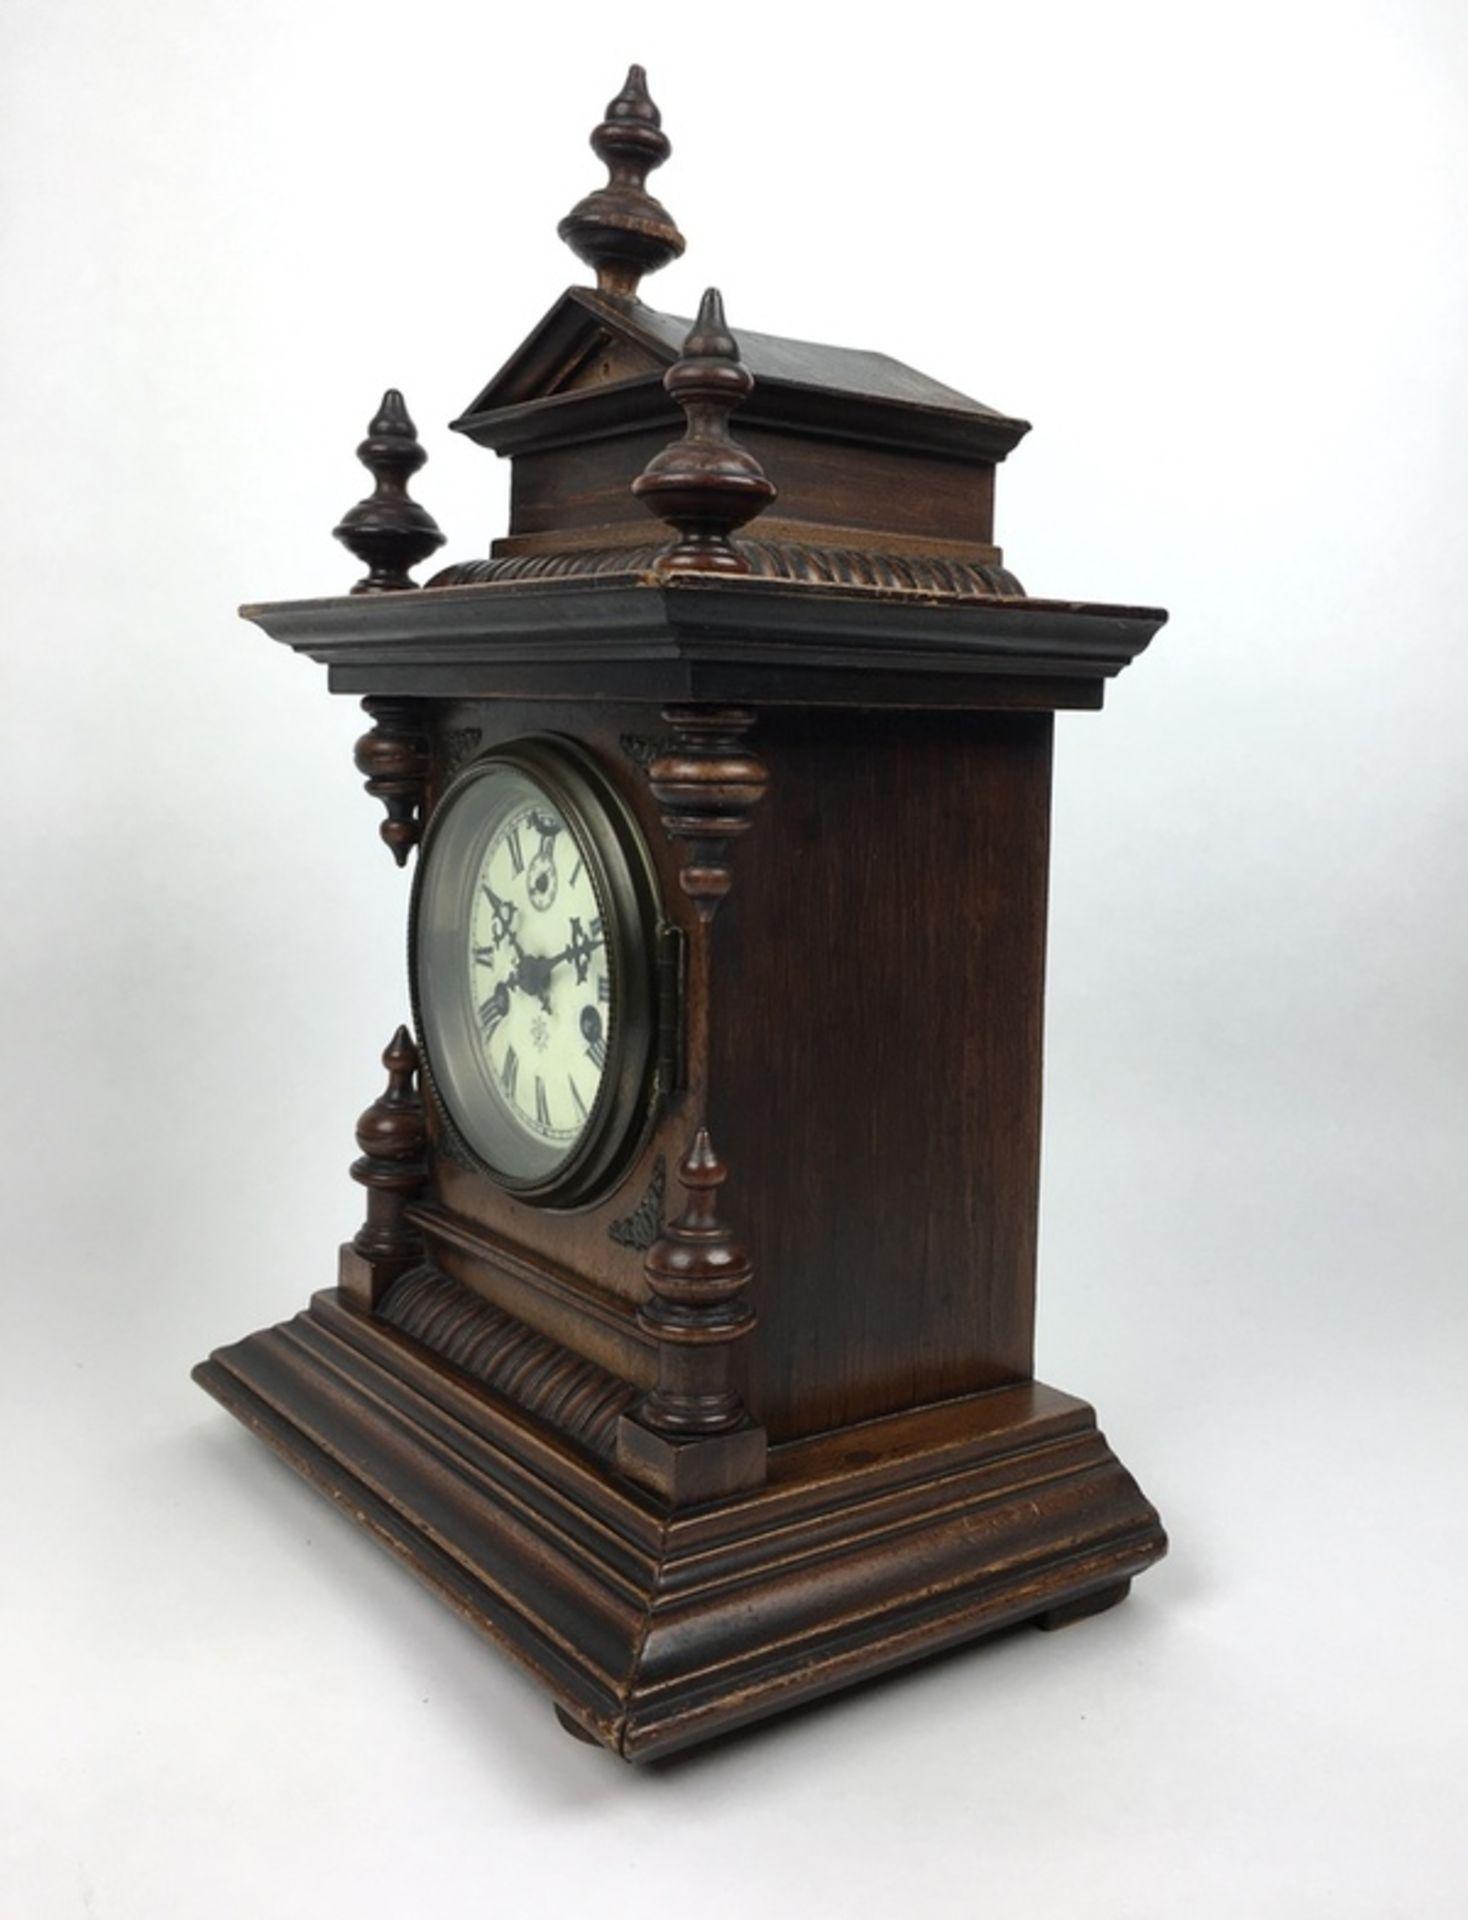 (Antiek) Tafelklok, JunghansHouten tafelklok met Junghans uurwerk en wekker. Emaille wijzerplaa - Image 4 of 7